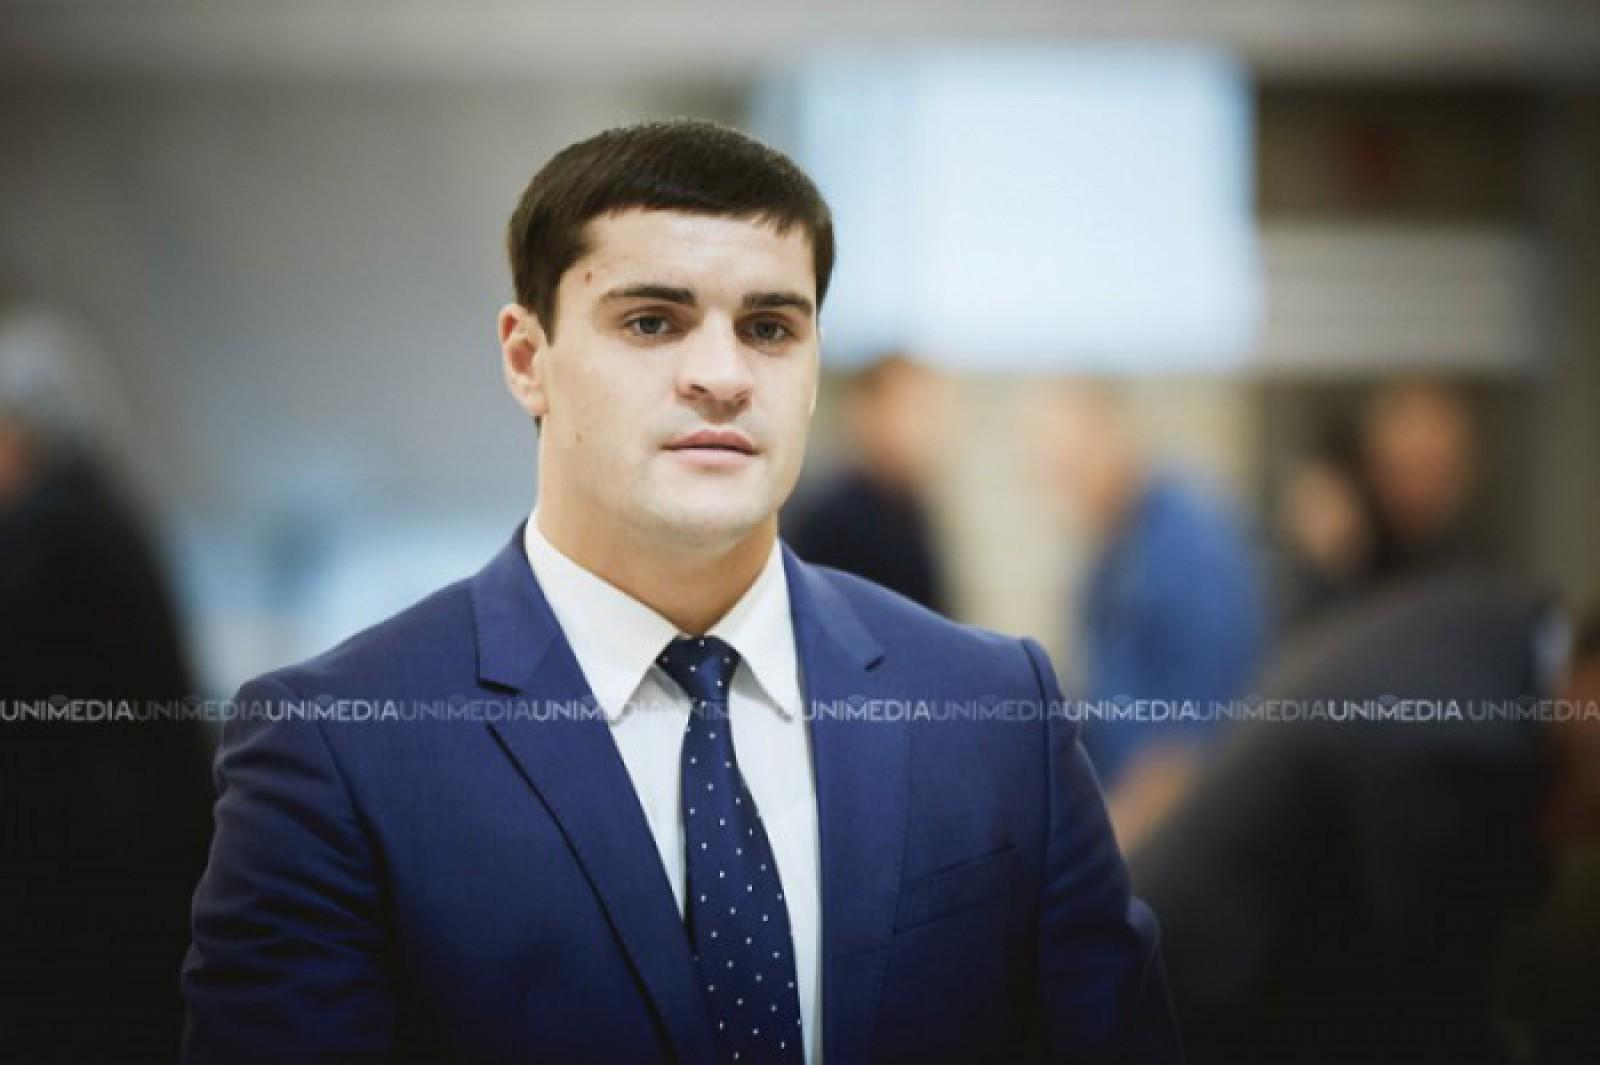 Deputatul PD, Constantin Țuțu, își serbează astăzi ziua de naștere. Politicianul împlinește 31 de ani